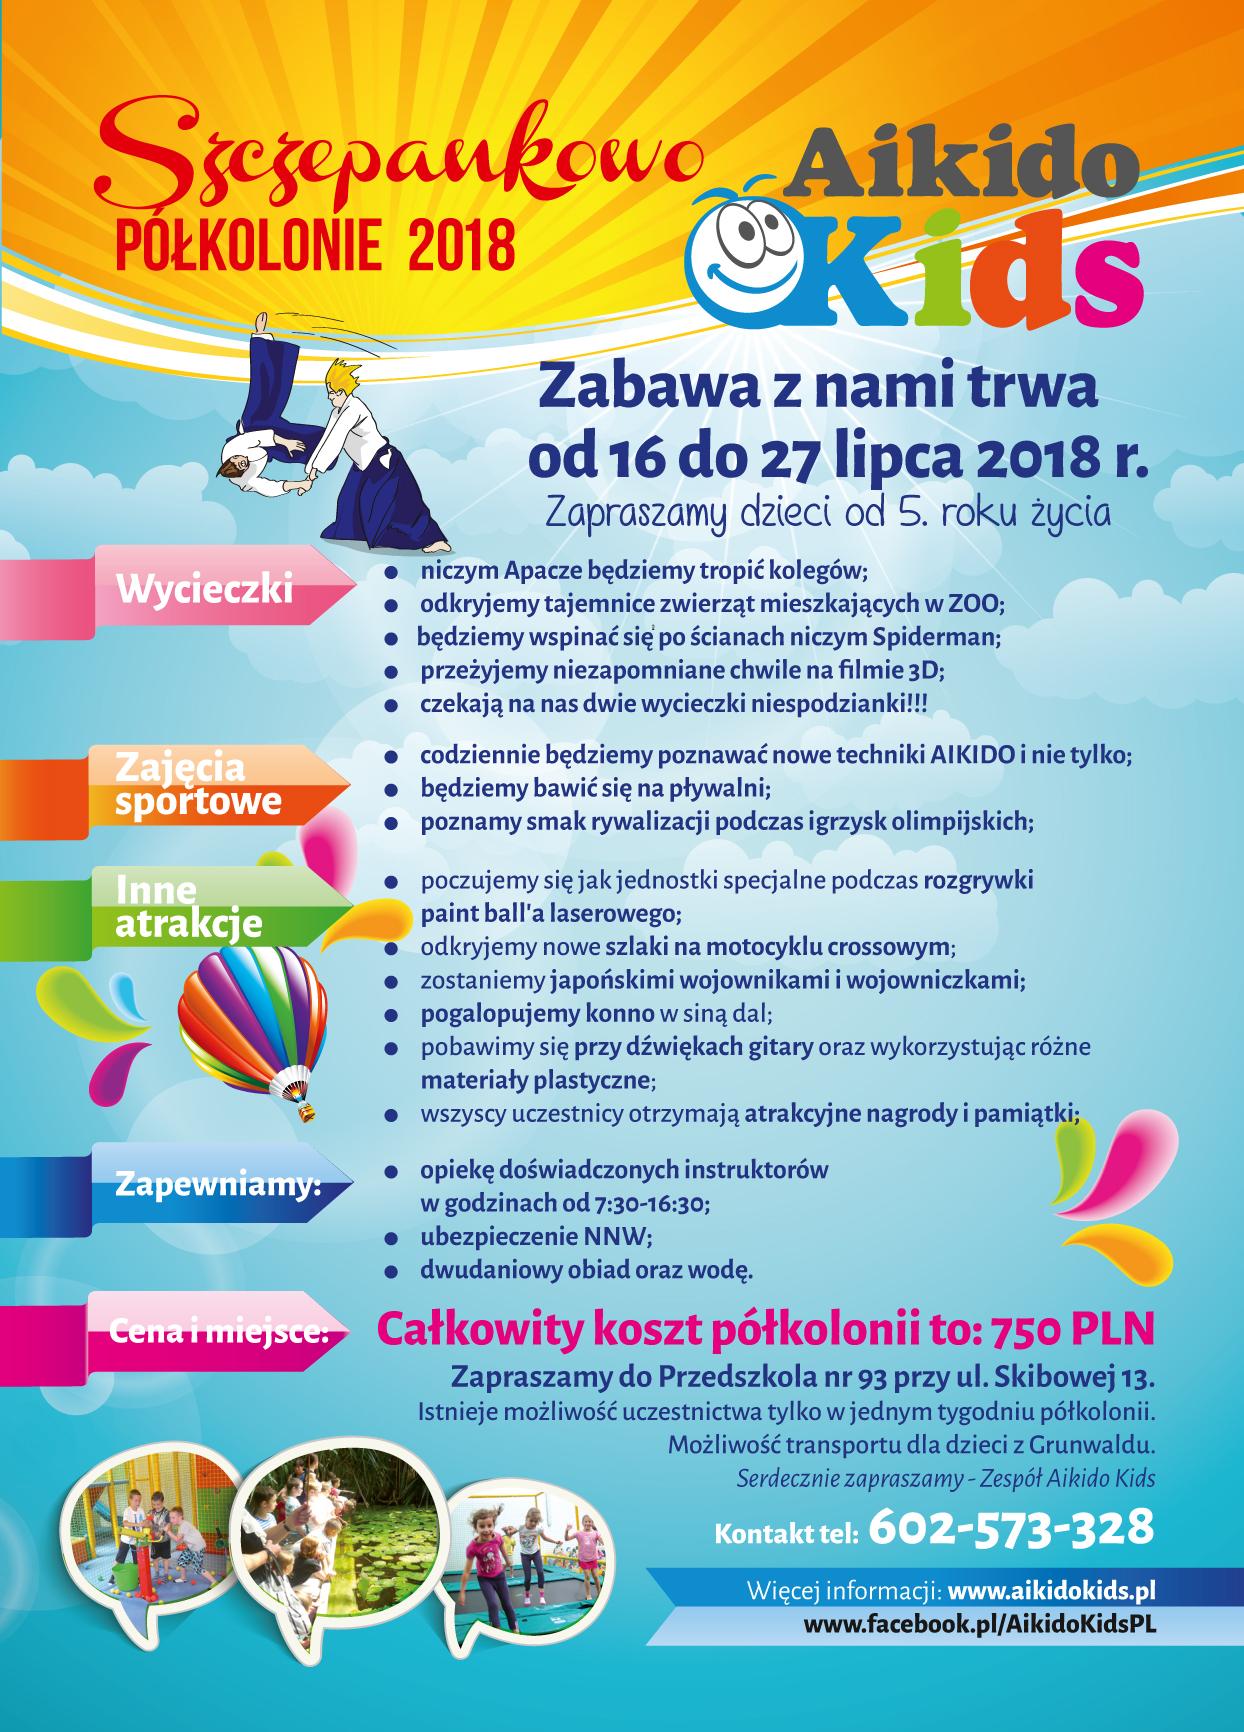 POLKOLONIE_2018_Ulotka_A5-2